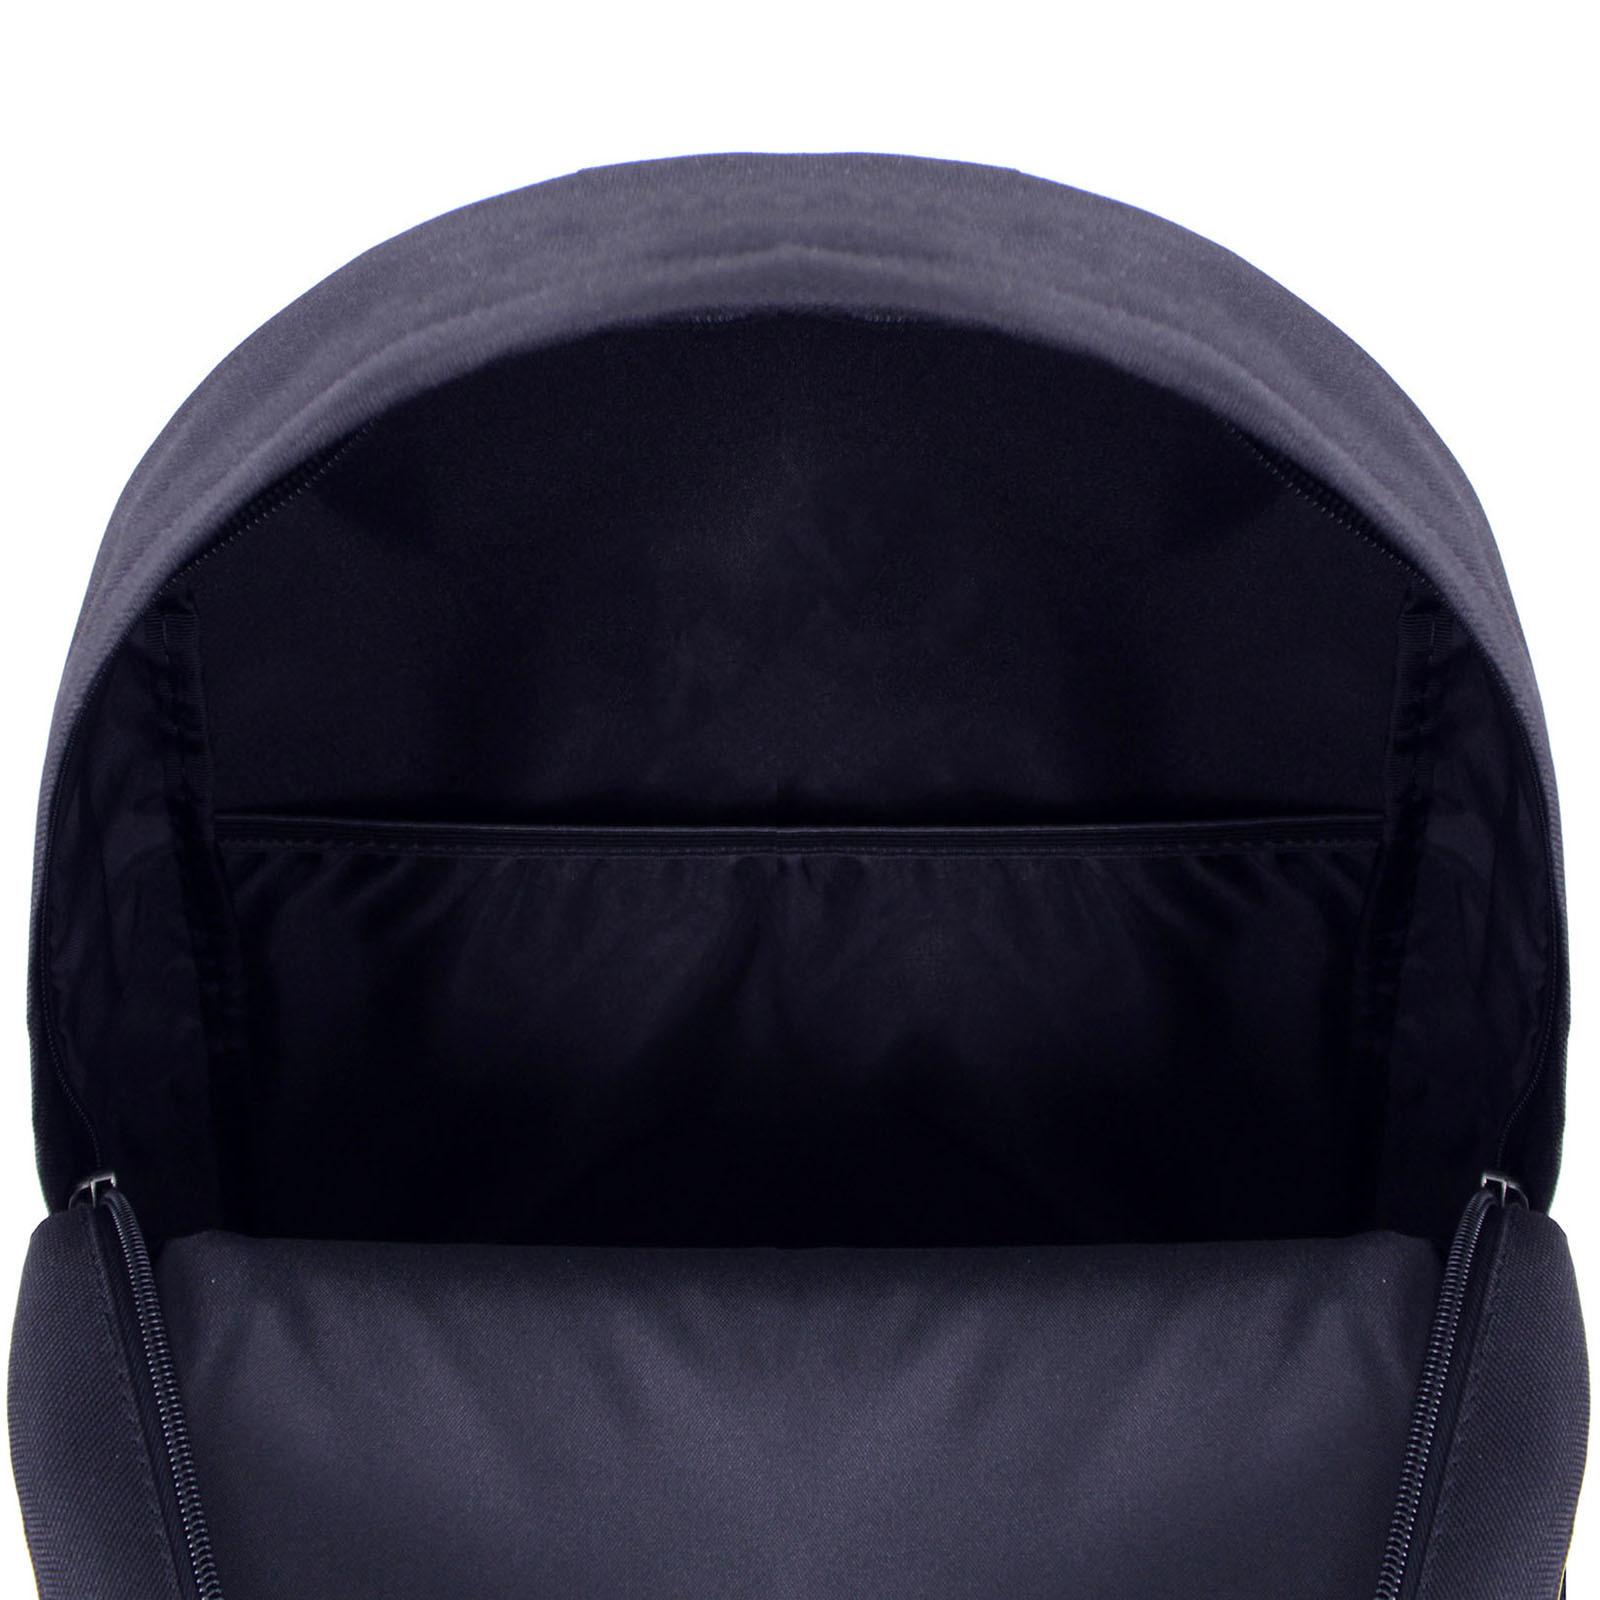 Рюкзак Bagland Молодежный W/R 17 л. черный 741 (00533662) фото 5